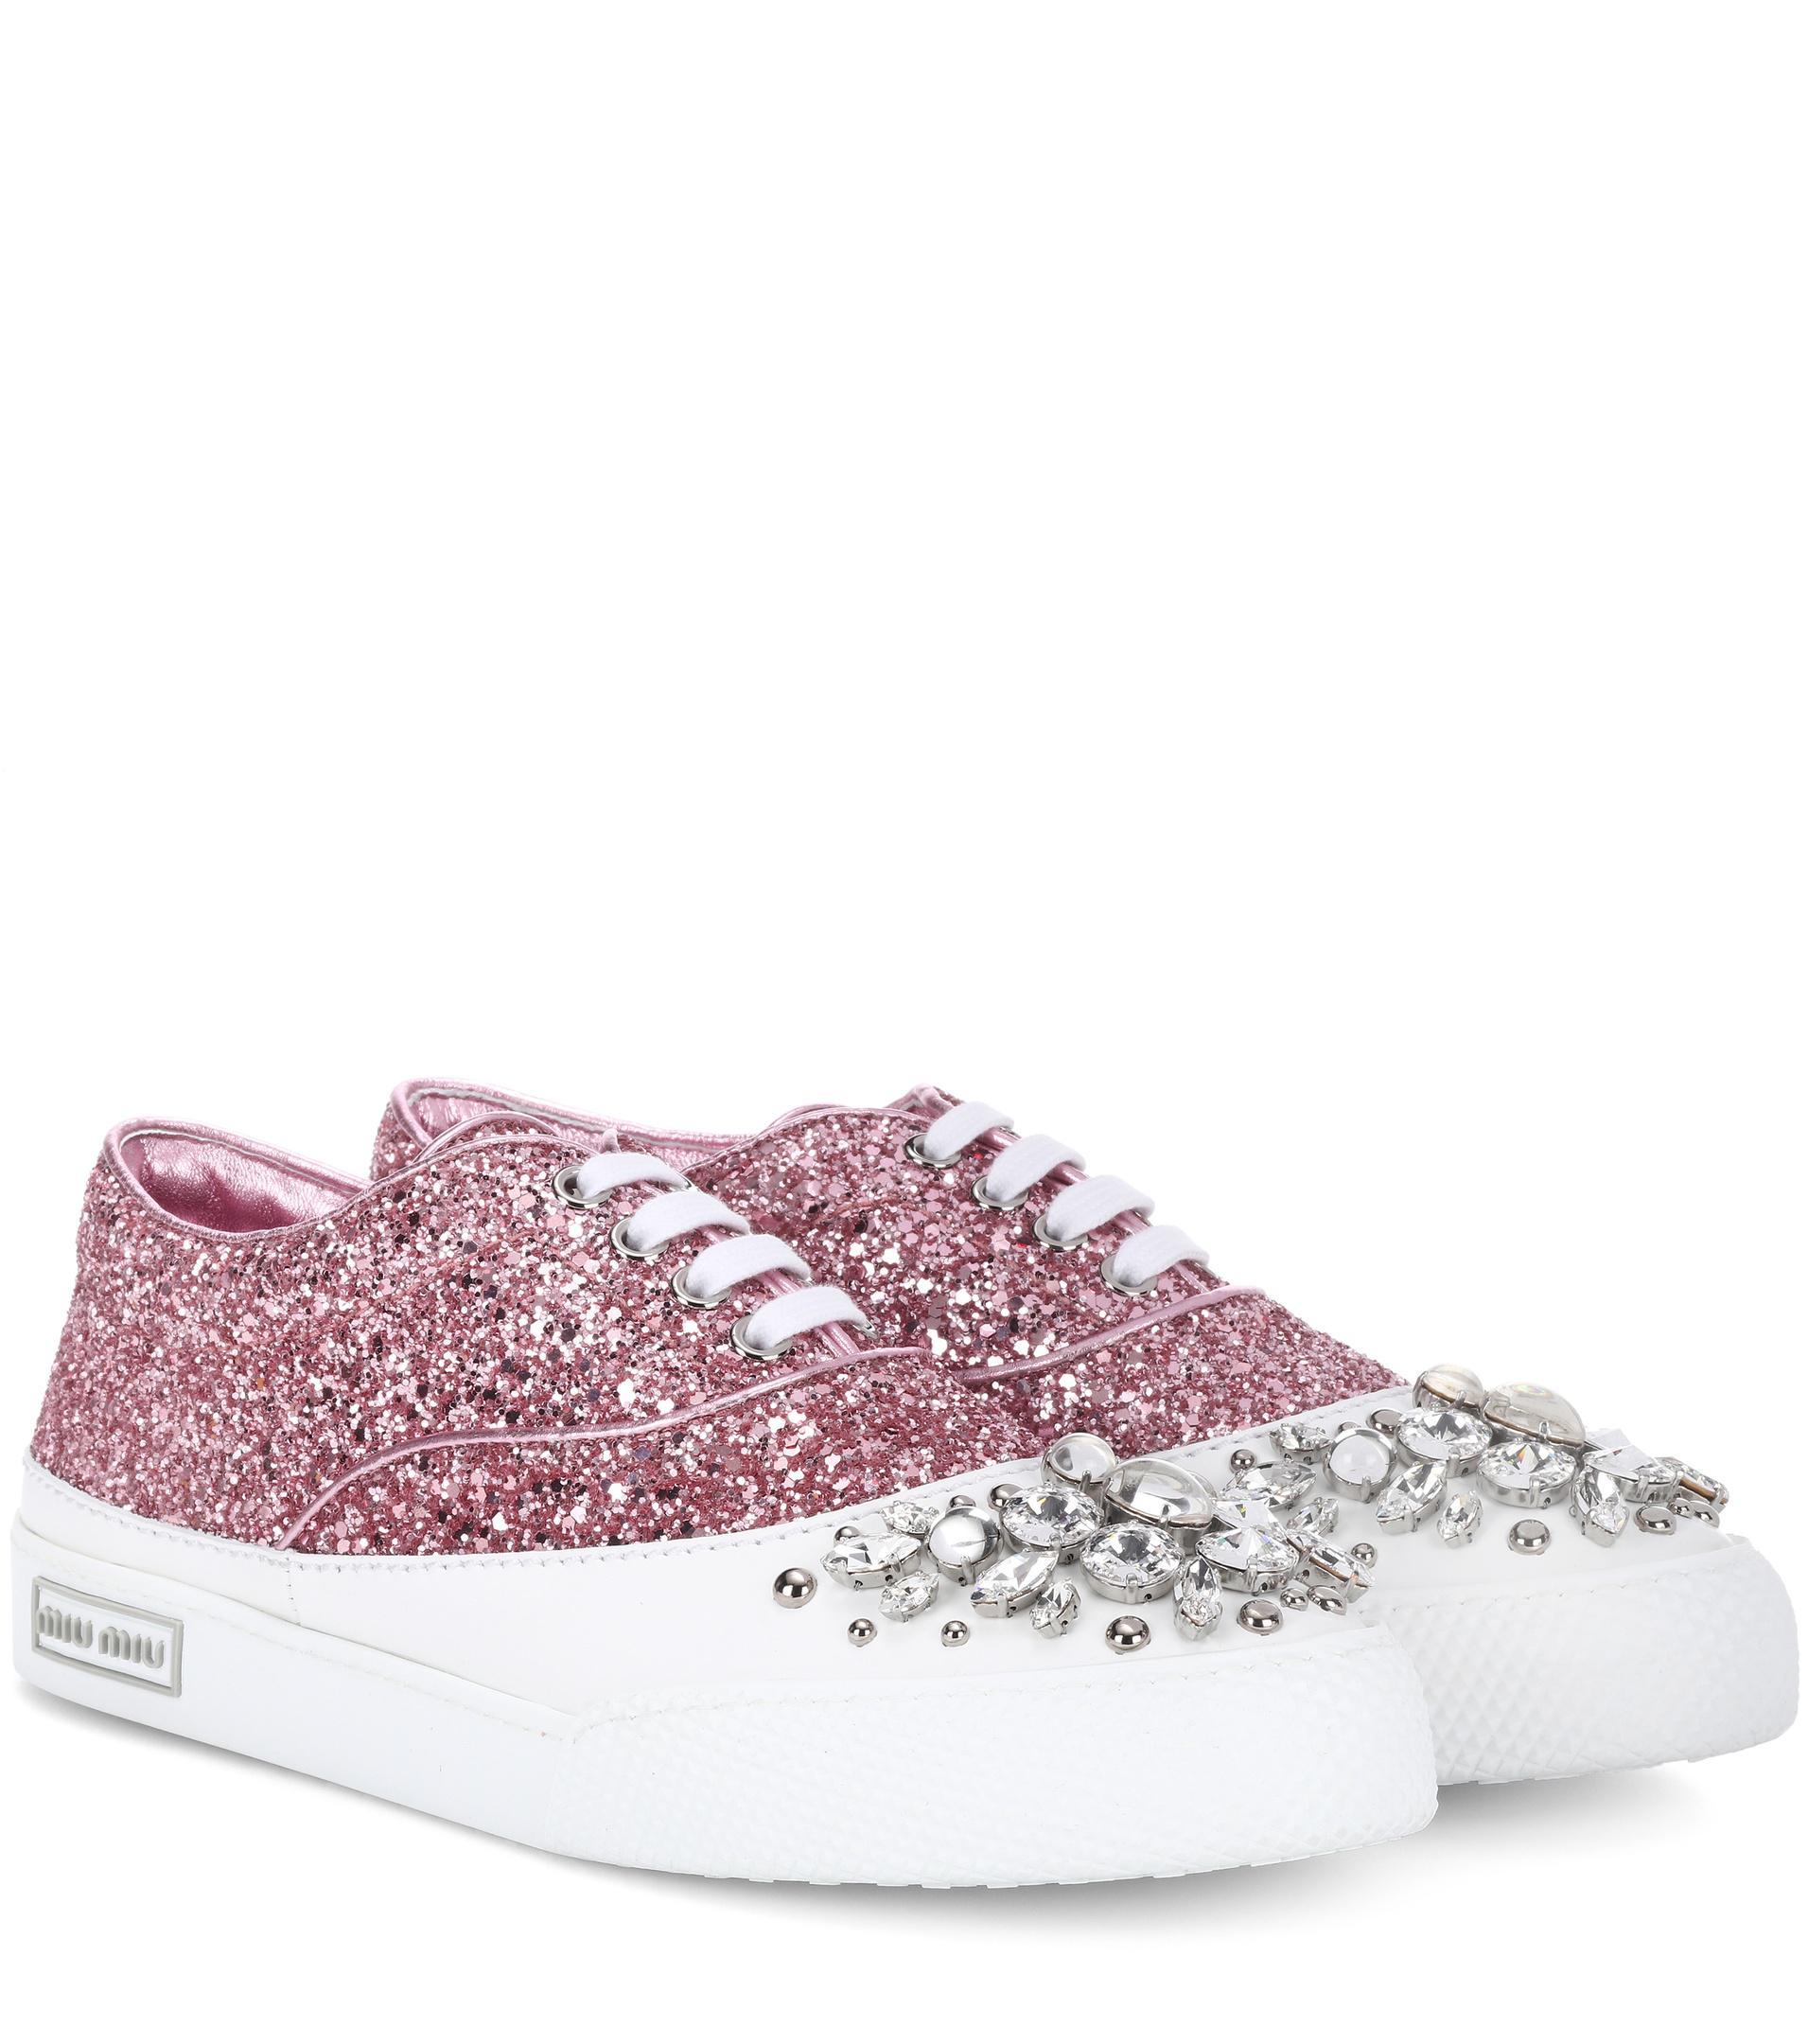 glitter embellished sneakers - White Miu Miu opZE6a